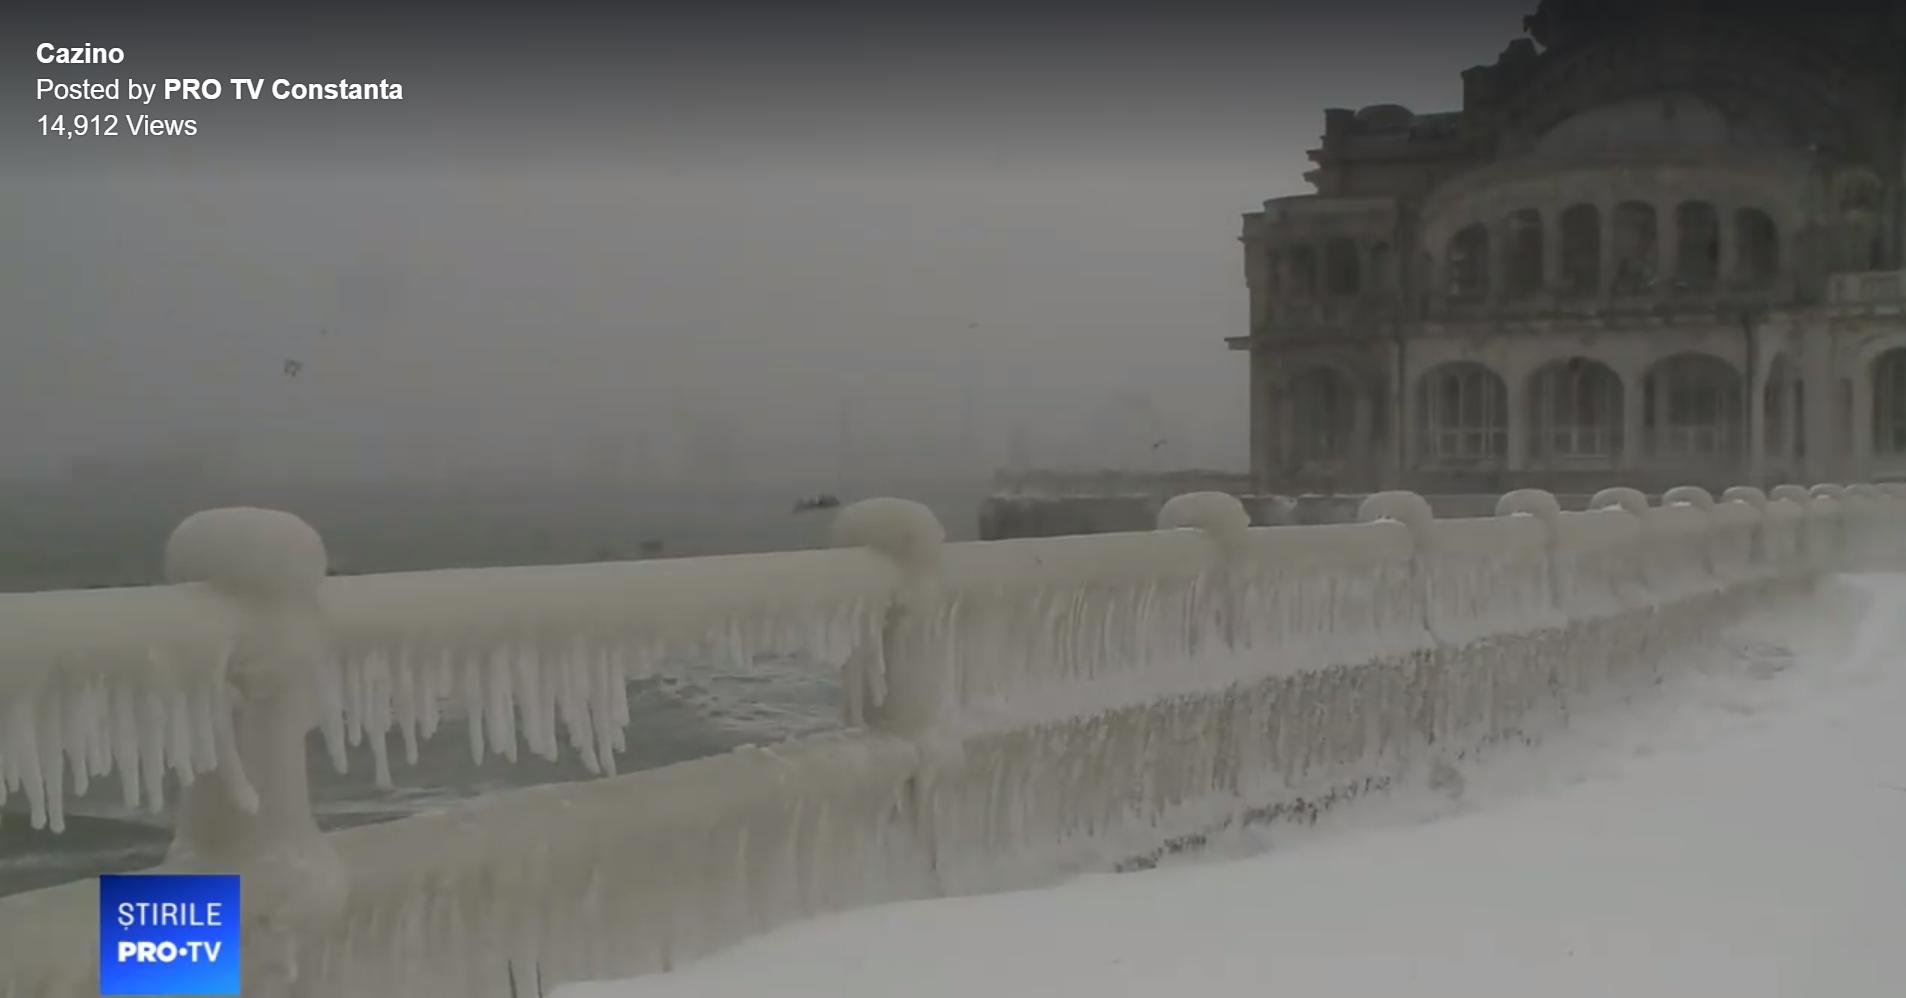 Litoralul, lovit de un ciclon. Imagini spectaculoase surprinse pe faleza din Constanța. VIDEO